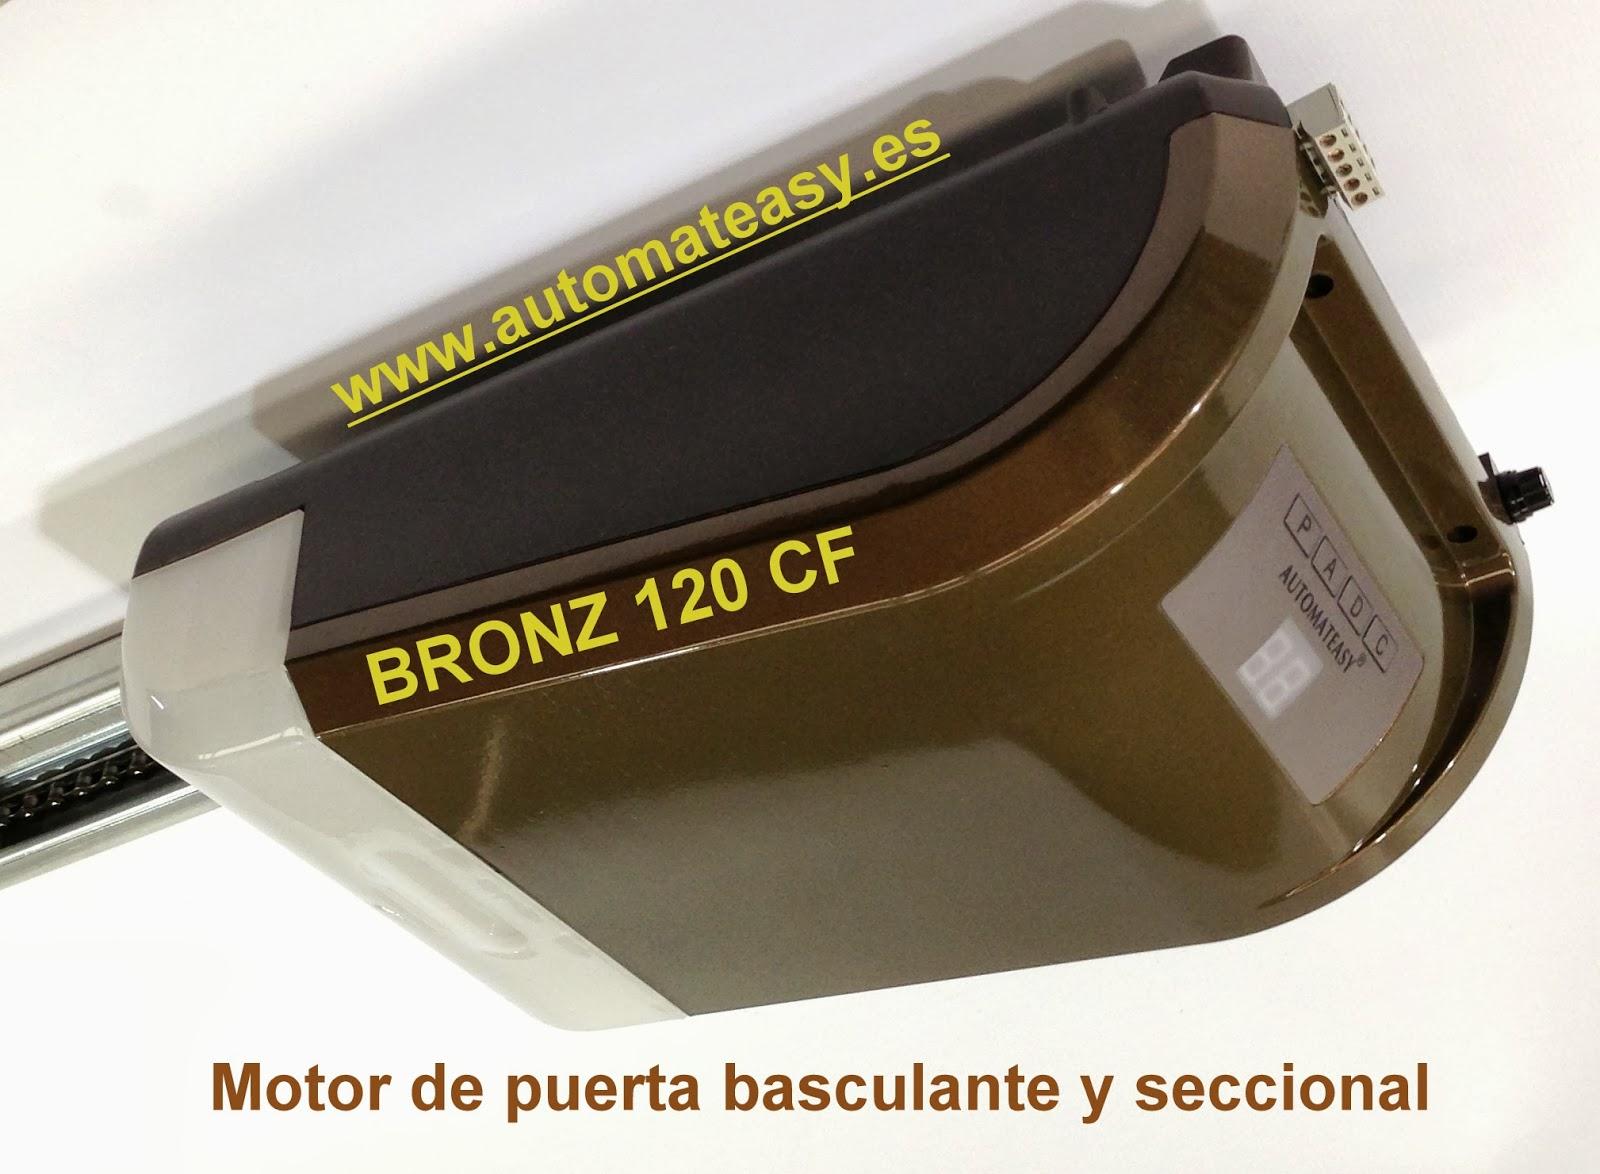 Noticias automateasy motor de puerta de garaje bronz - Motor de puerta de garaje ...